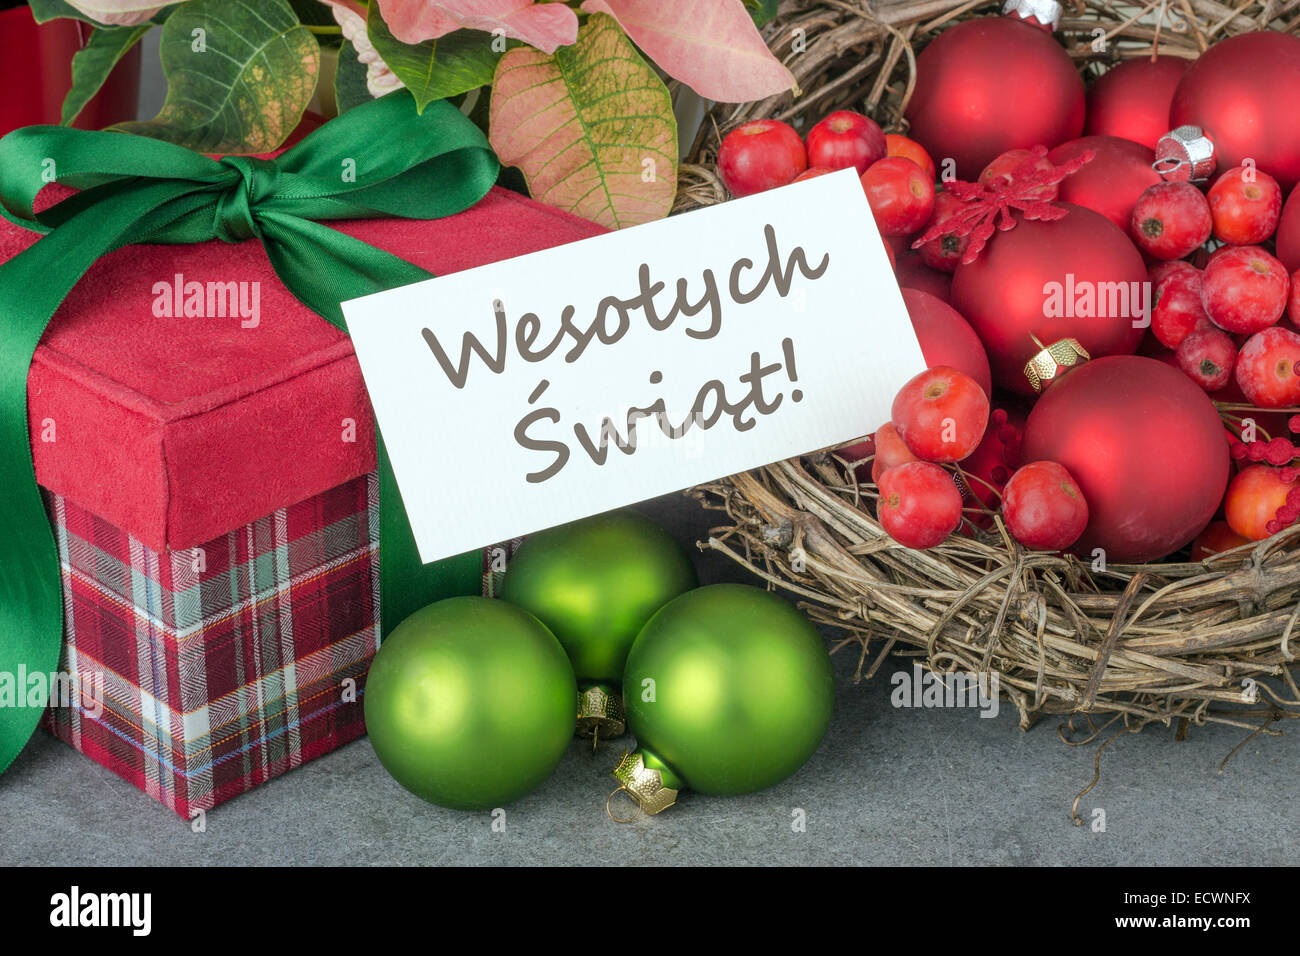 Merry Christmas In Polish.Polish Christmas Card With Gift And Christmas Tree Balls And